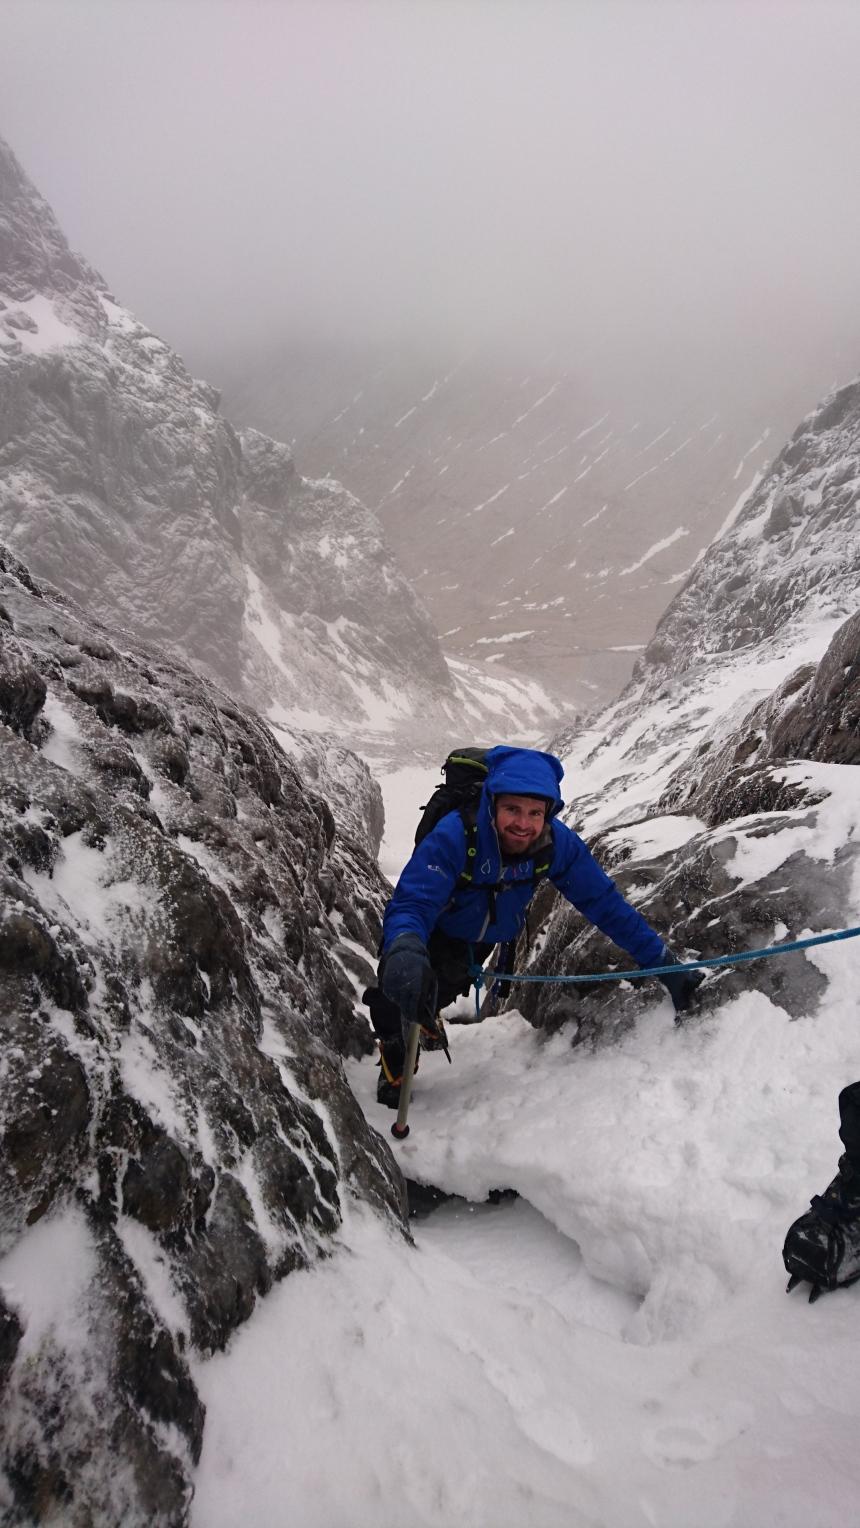 Kieron climbing through a narrow section under Garyloo